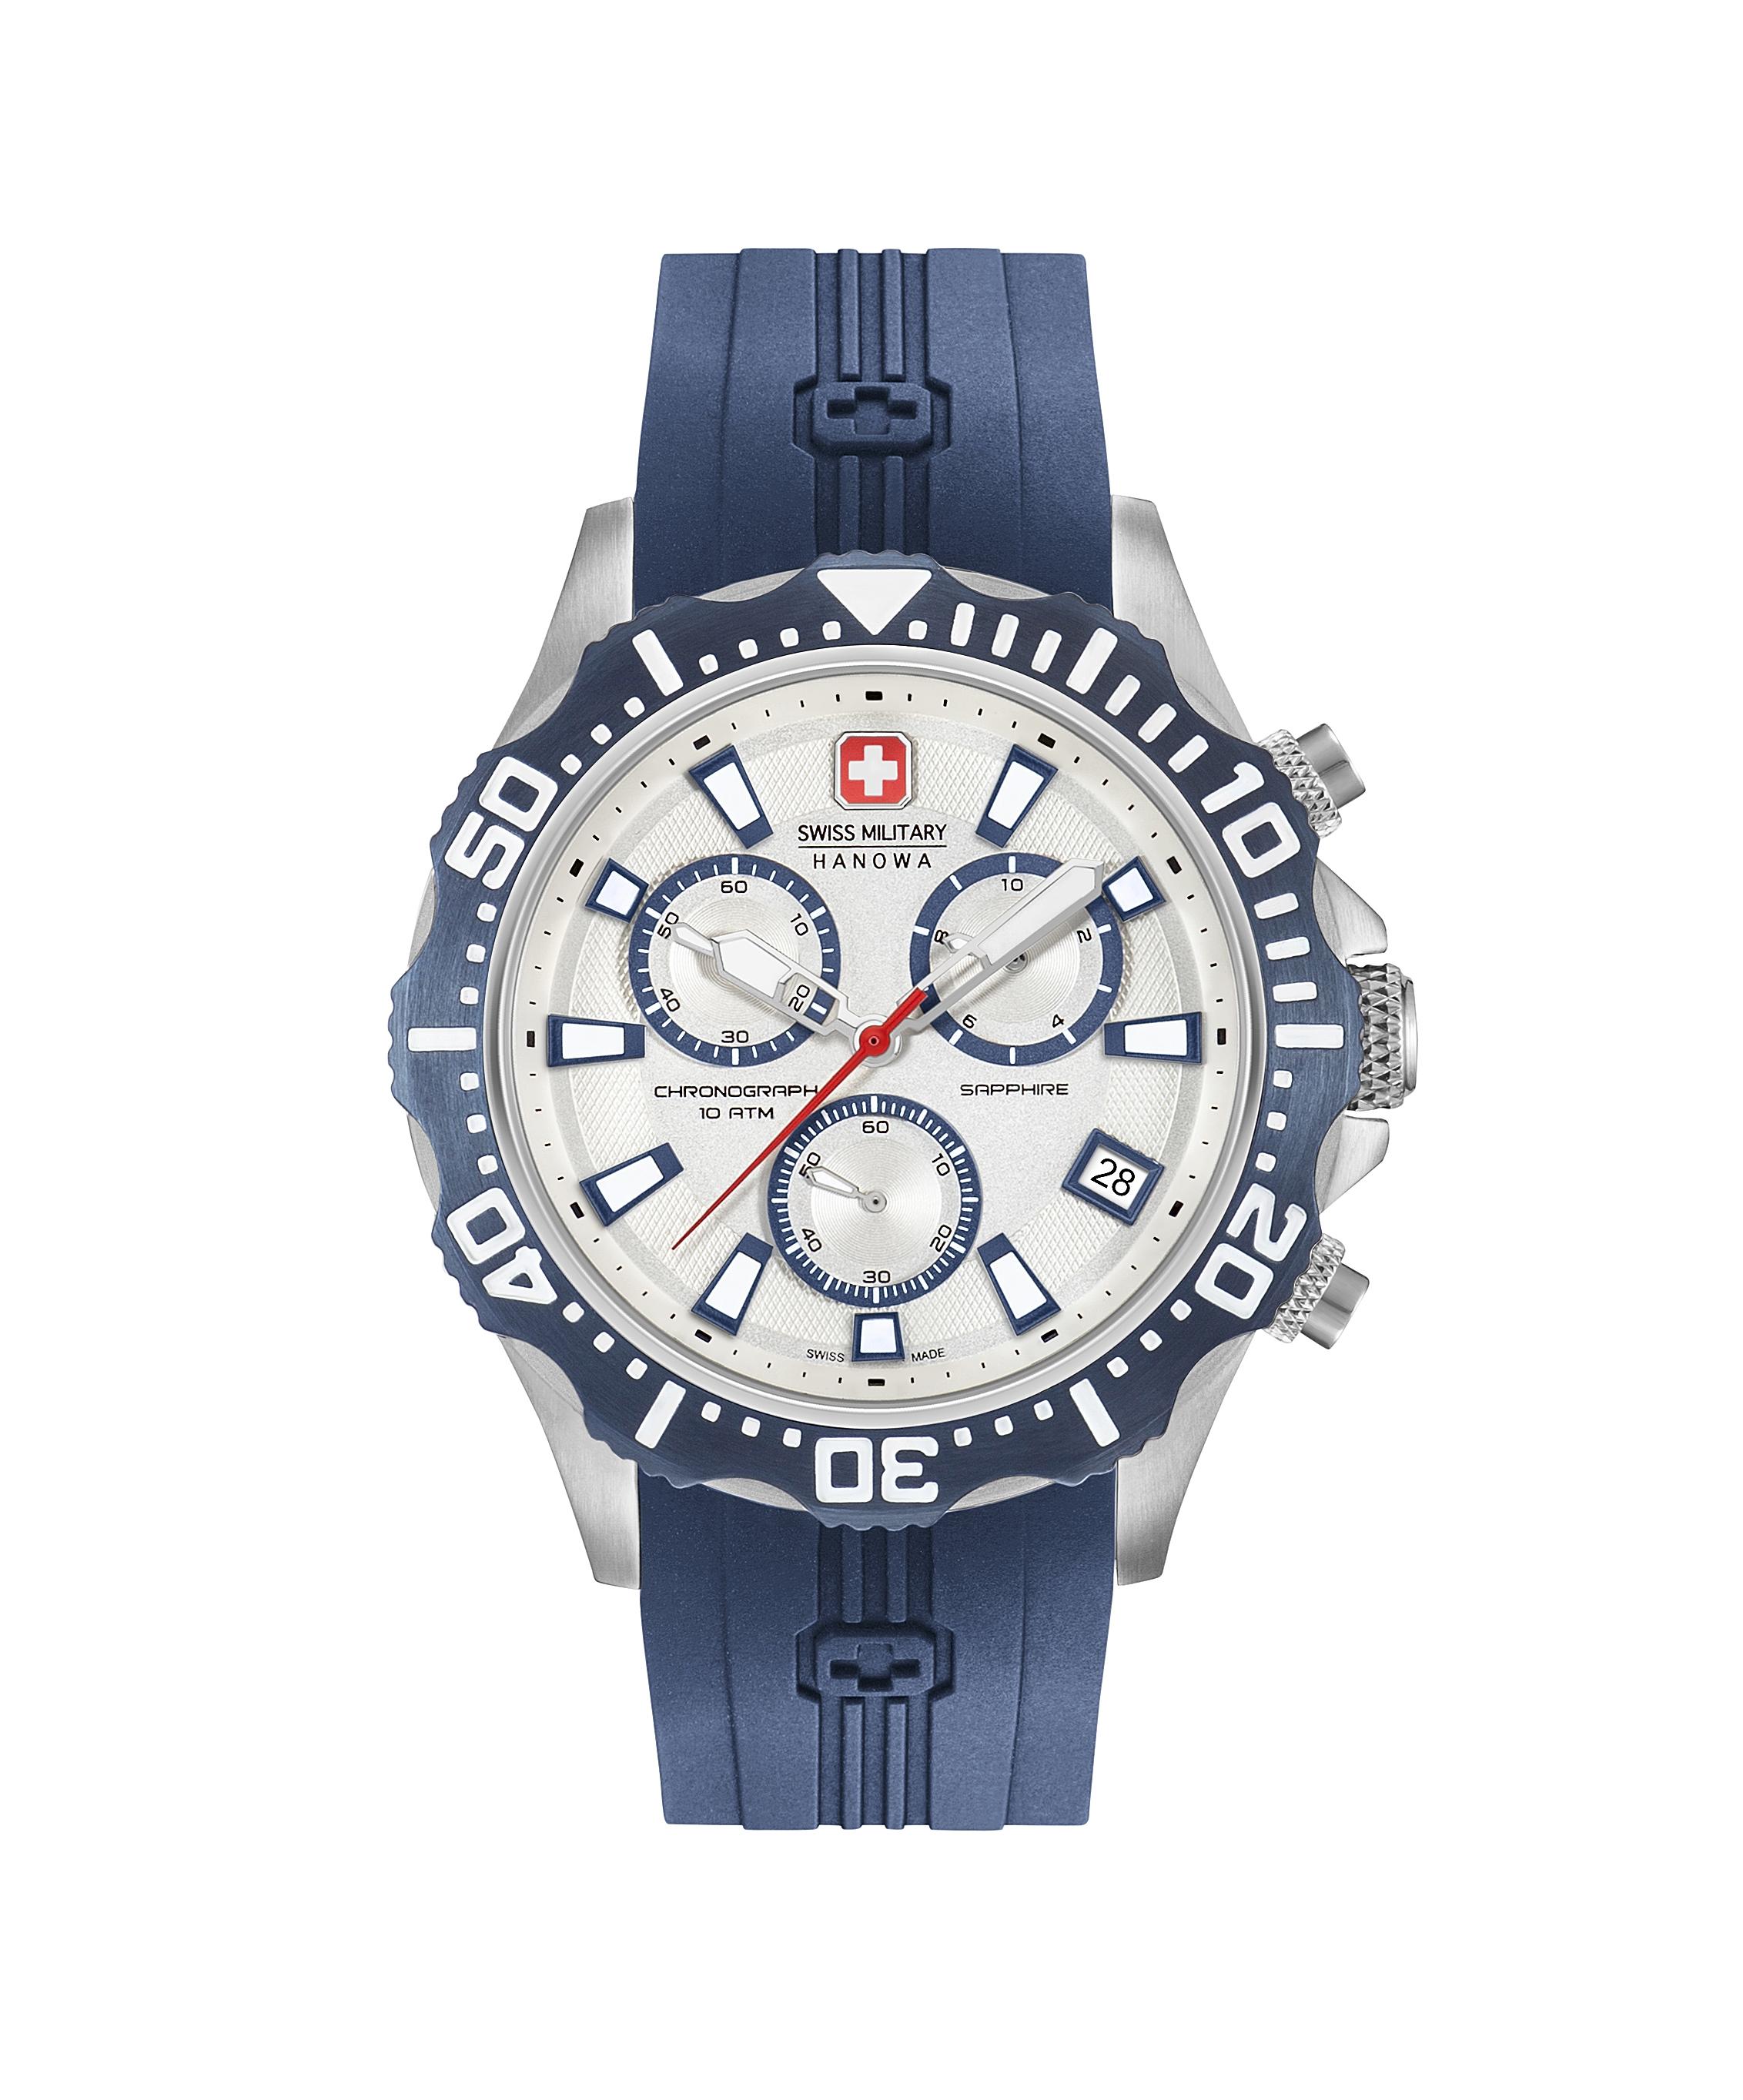 Наручные часы Swiss Military Hanowa купить в интернет